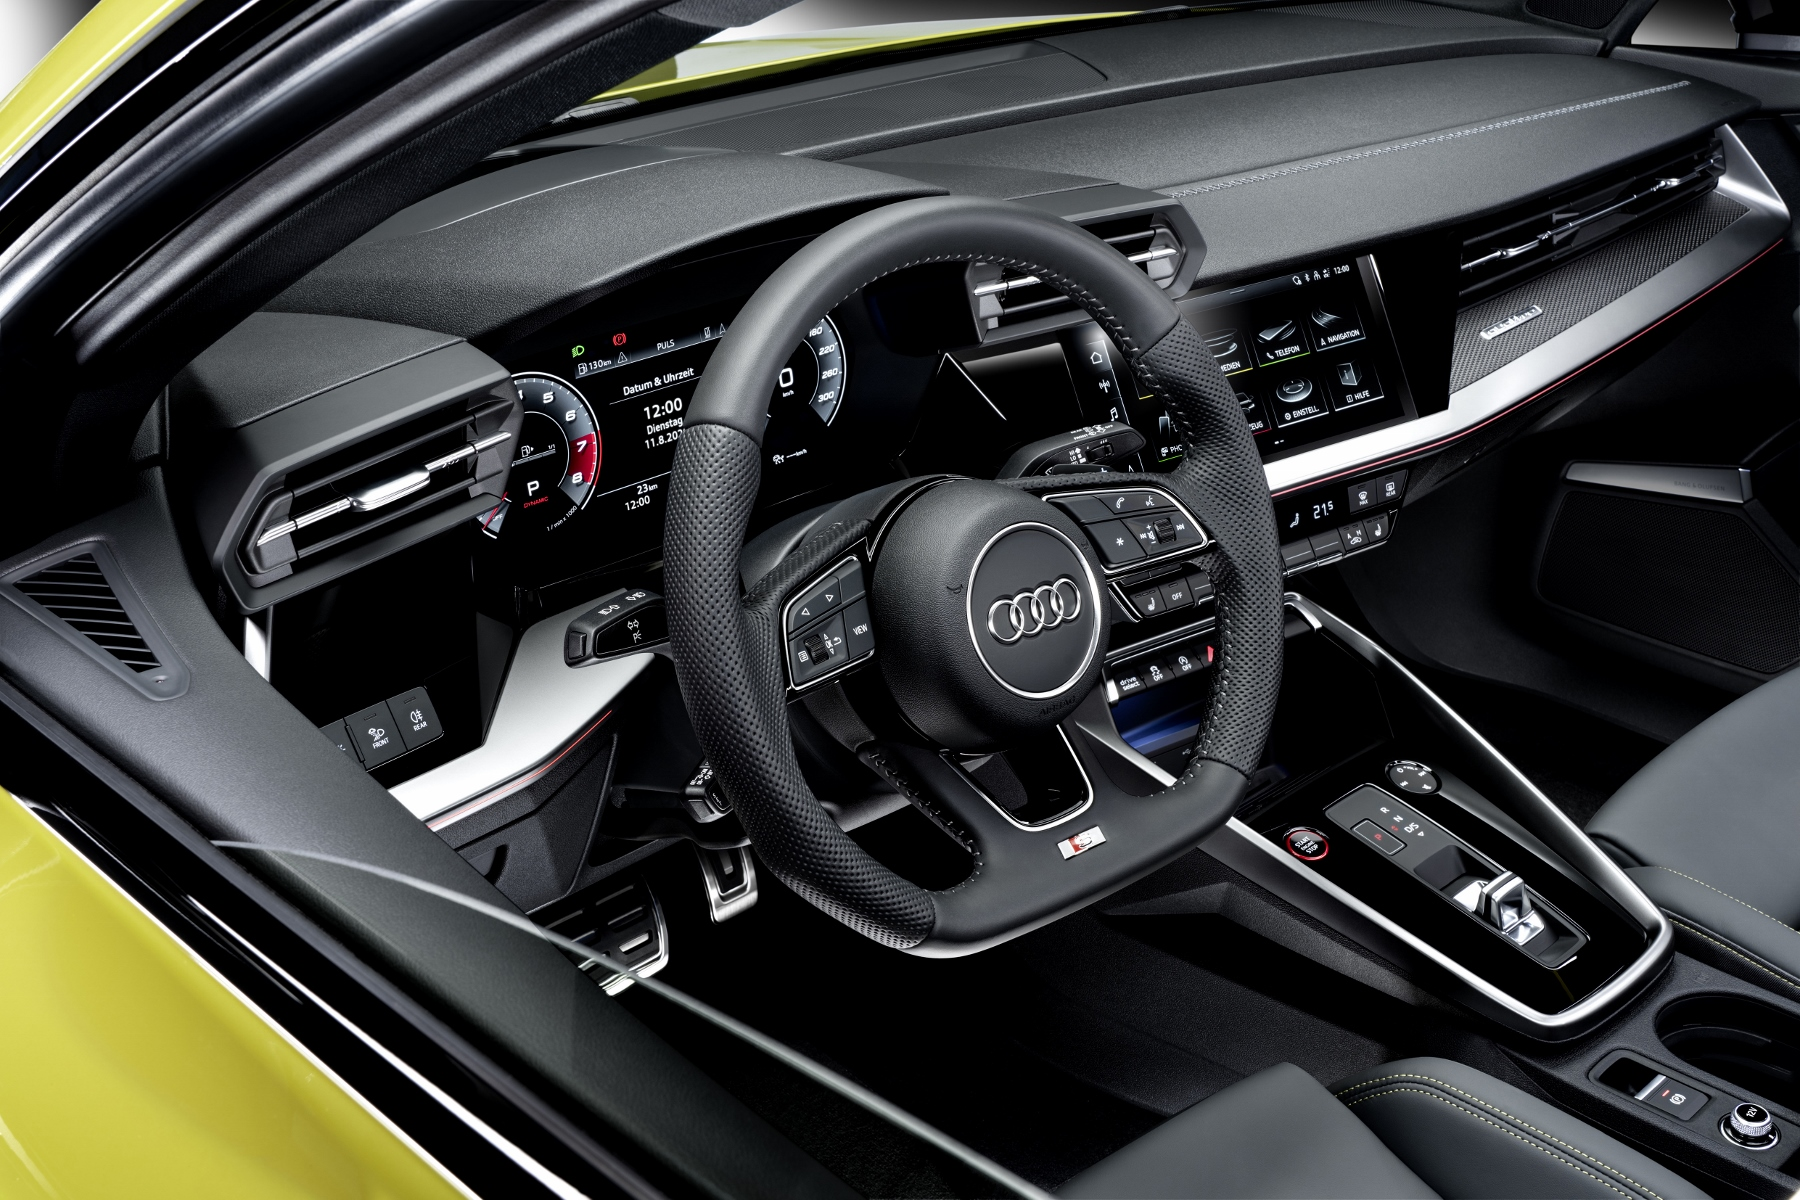 Audi ukázalo modely S3 Sedan a Sportback. Prezradilo aj nemeckú cenu Ej02Xighpt a204425large-1800x12